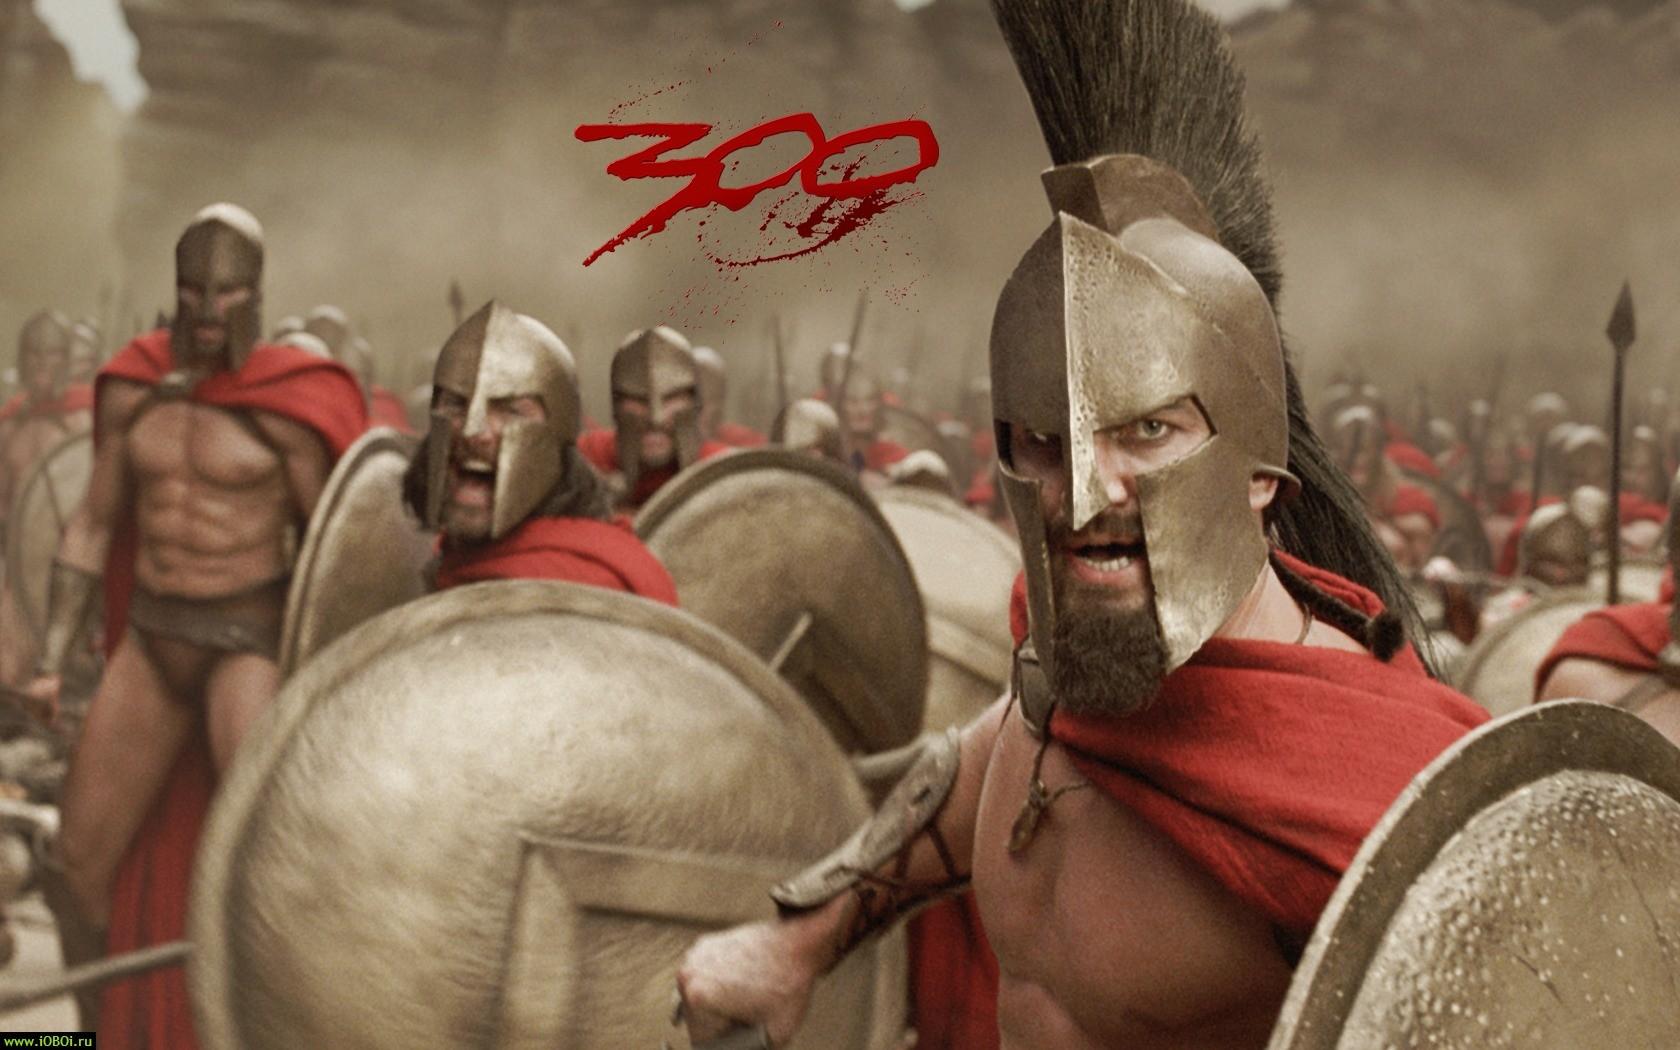 Обои 1680x1050. 300 спартанцев - скачать фото на рабочий стол и обои.